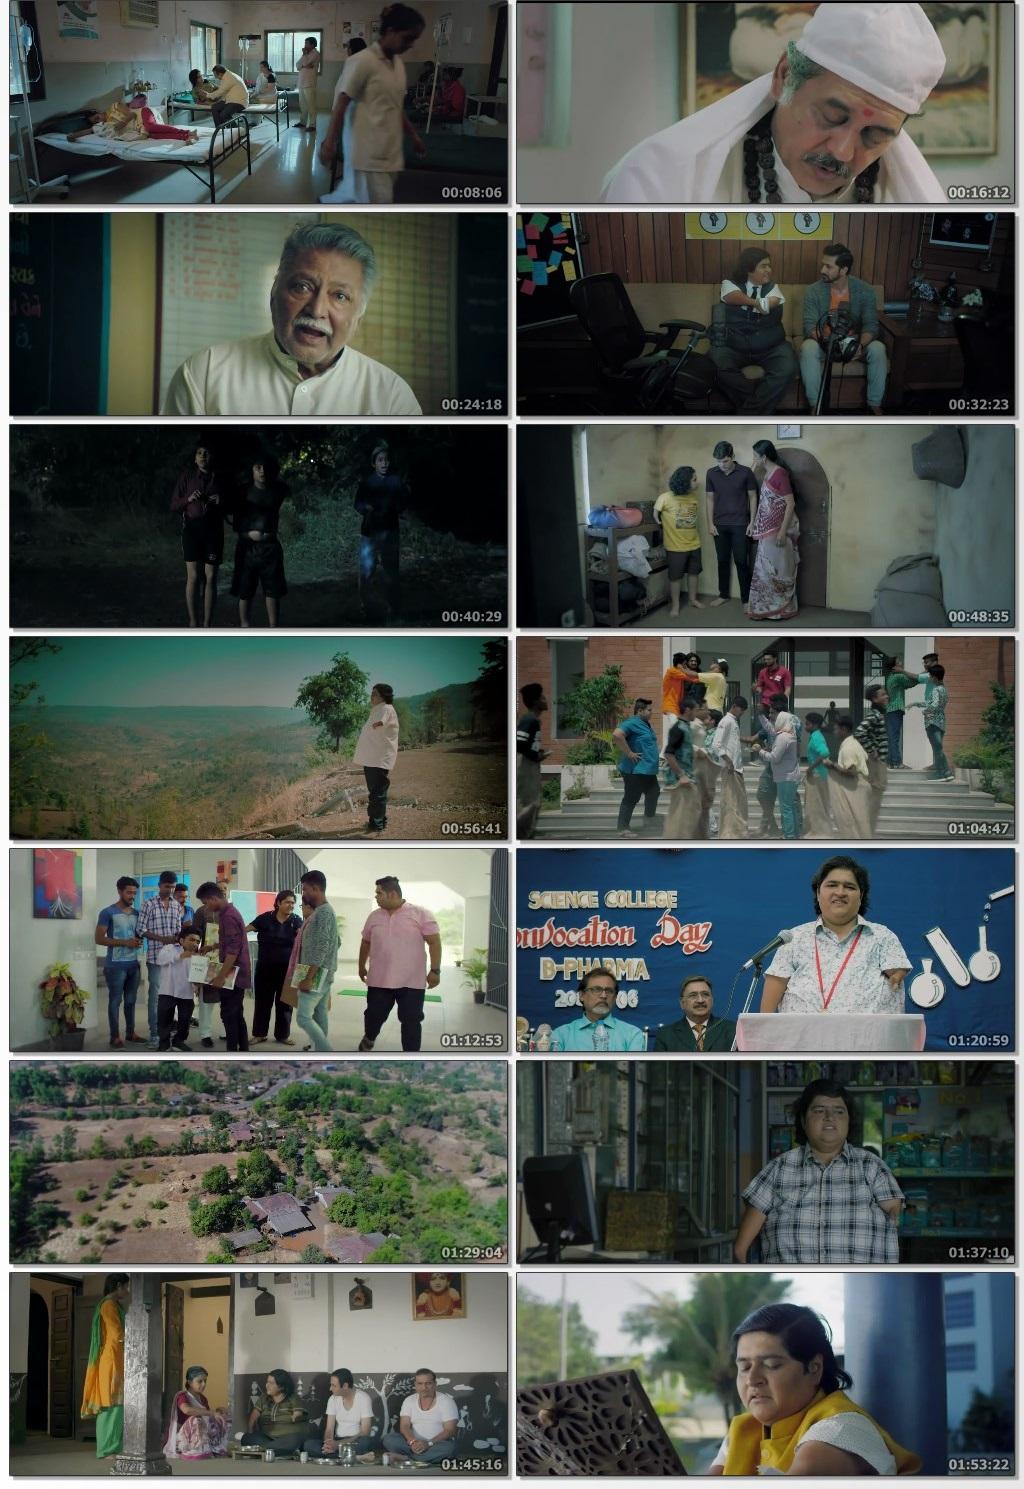 Cypher-Shoonya-Se-Shikhar-Tak-2019-www-9kmovies-cards-Hindi-Movie-720p-AMZN-HDRip-ESub-840-MB-mkv-th